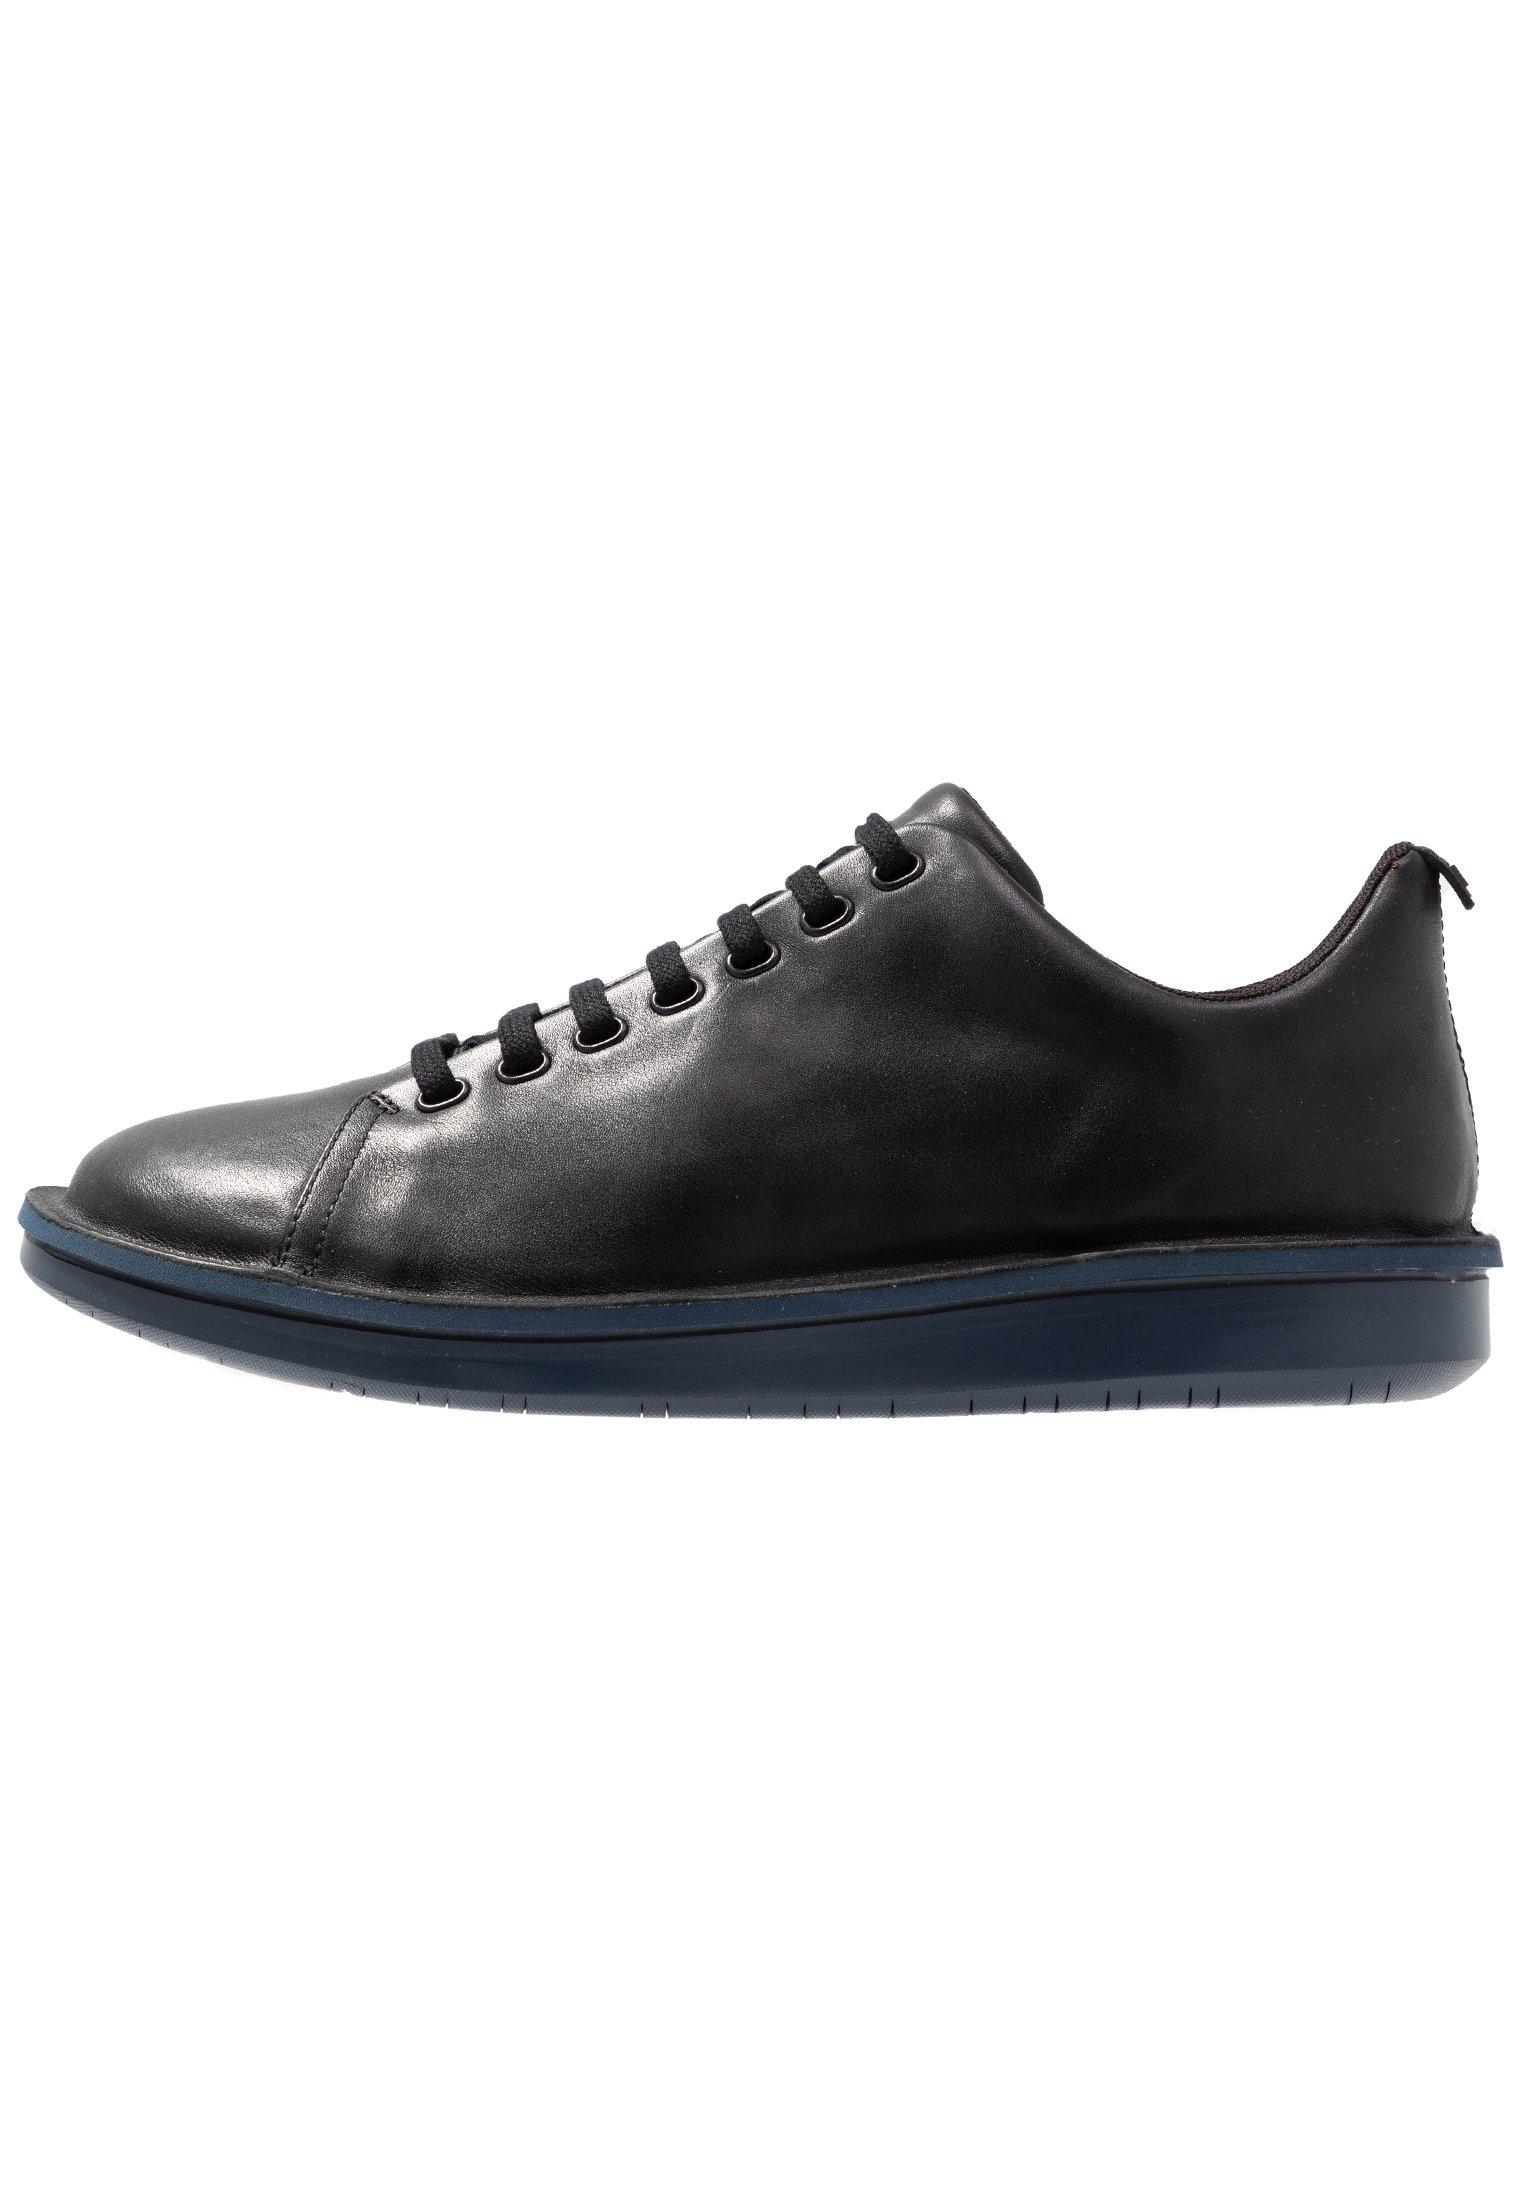 Camper Formiga - Sneakers Basse Black W0ovp